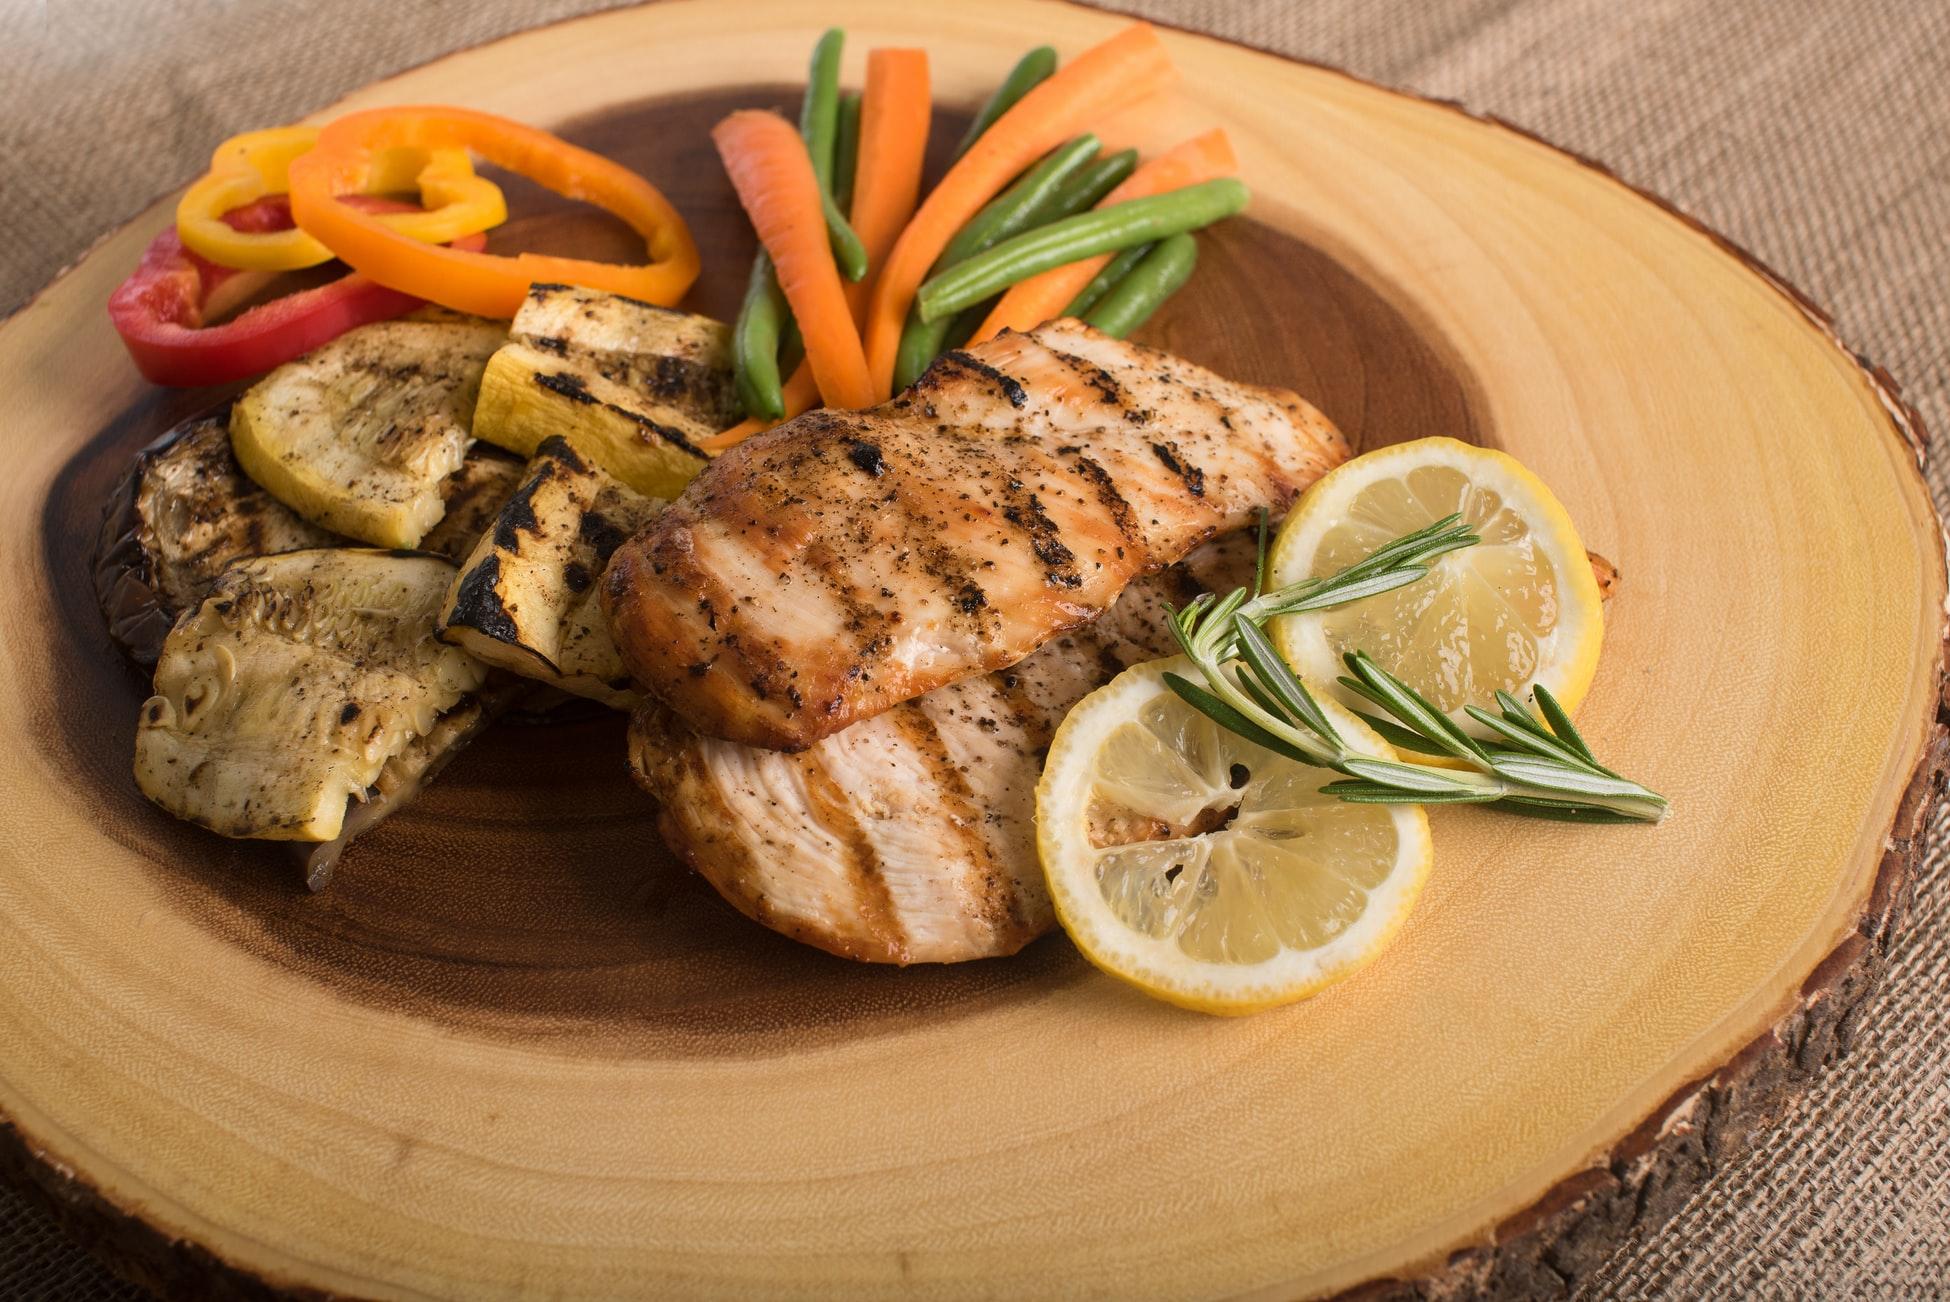 Dieta low carb ajuda a emagrecer rápido, veja dicas para começar